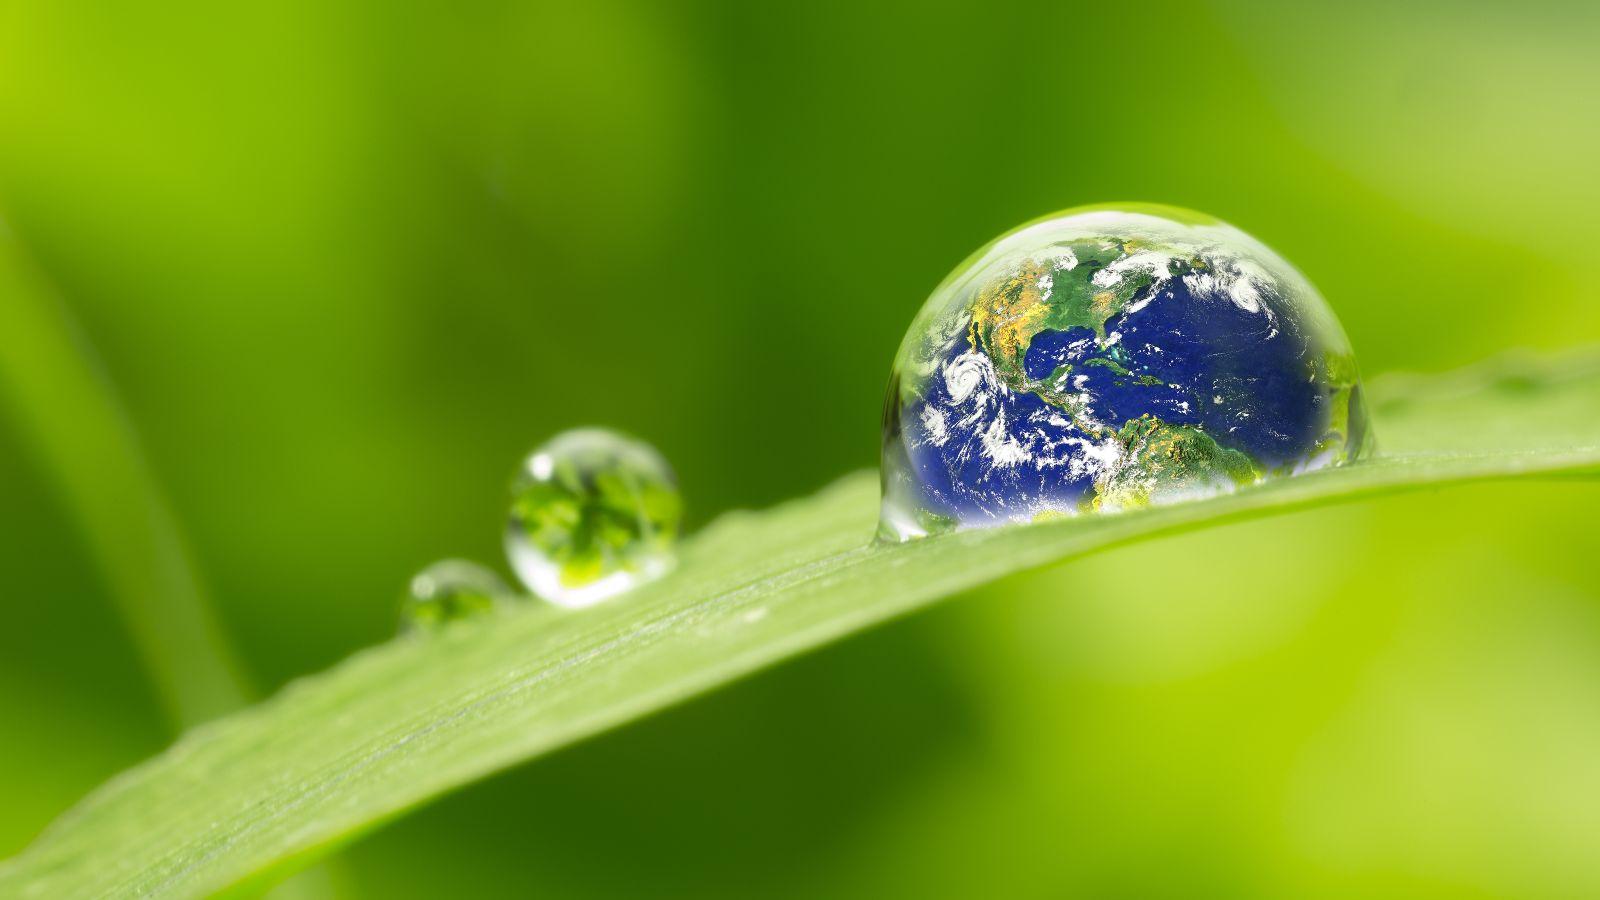 Das Bild ist eine Fotomontage. Zu sehen ist ein grünes Blatt mit einem Tropfen darauf. In dem Tropfen ist eine Weltkugel zu sehen.